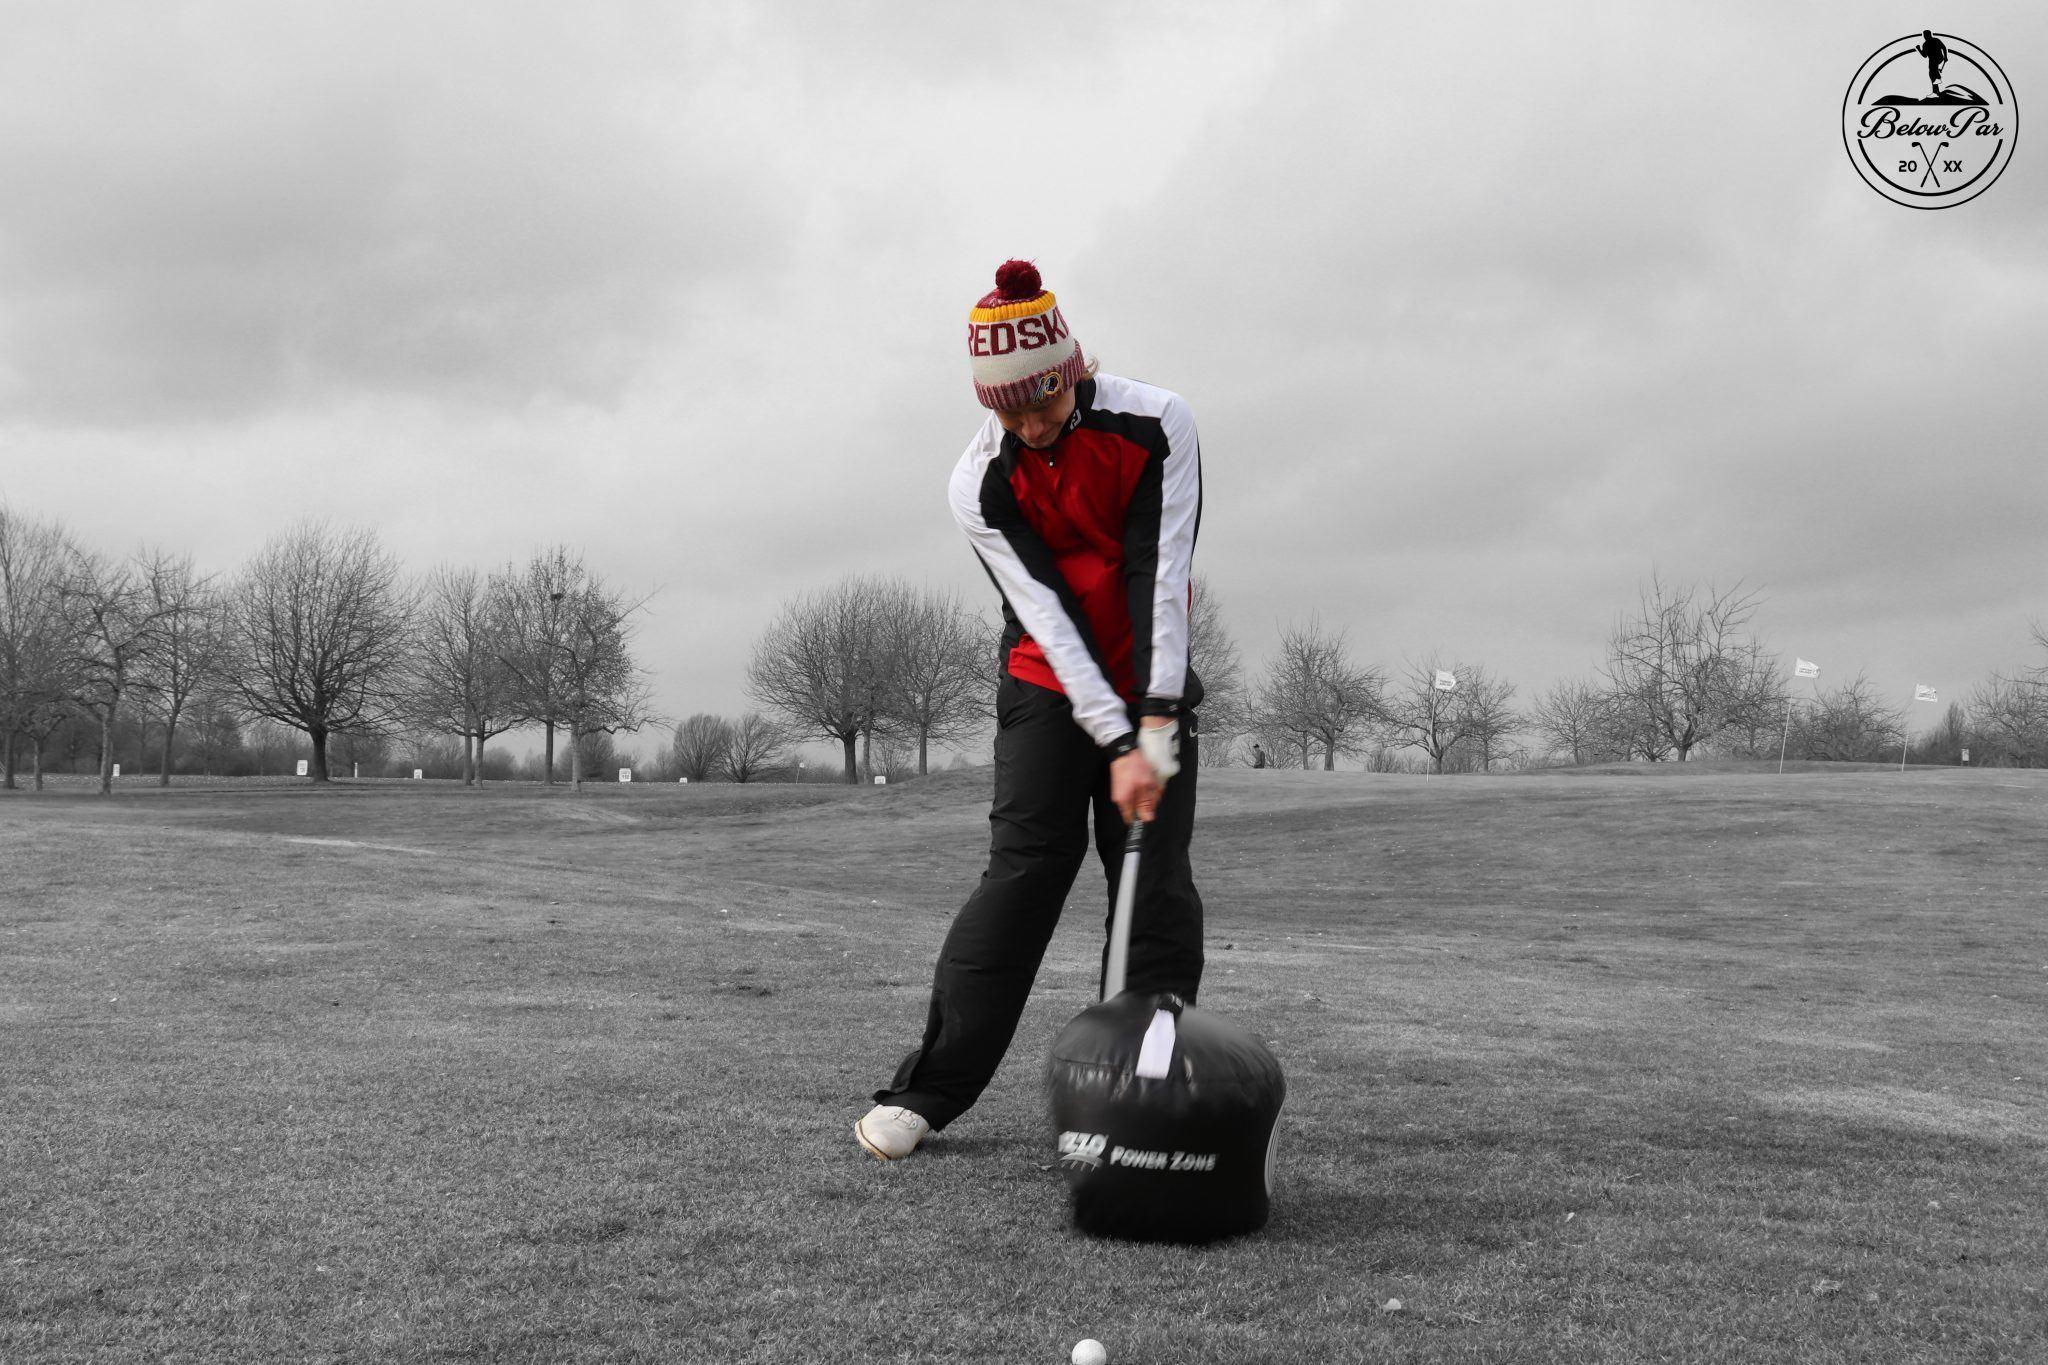 Golf treffmoment verbessern